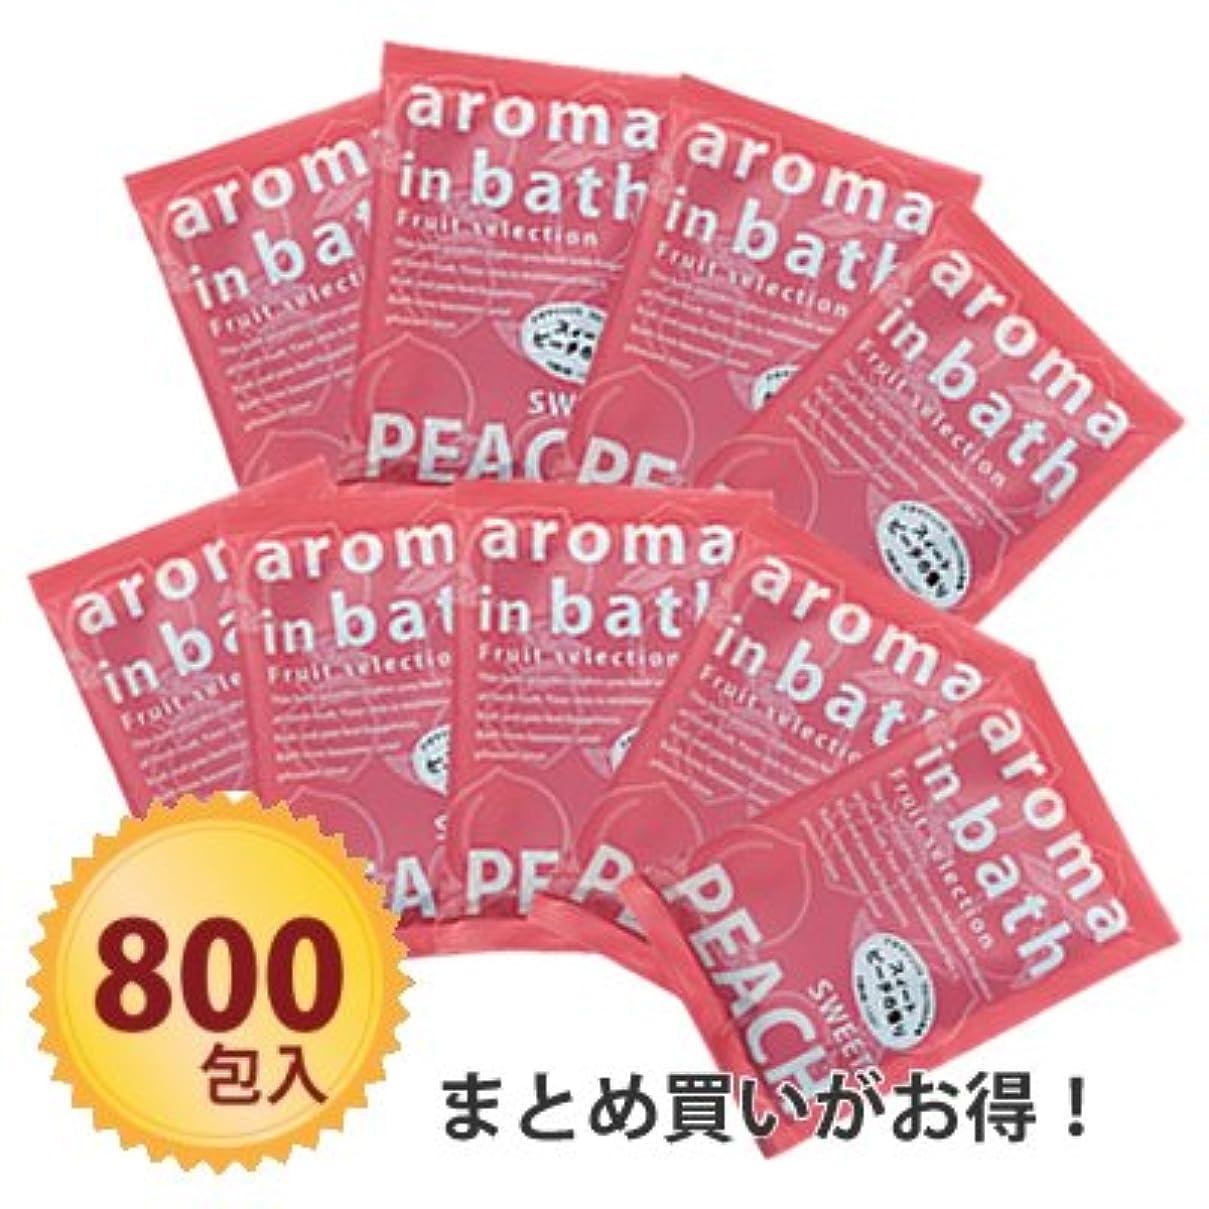 プラス果てしない食べる粉体入浴料 アロマインバス25g スイートピーチ ×800個